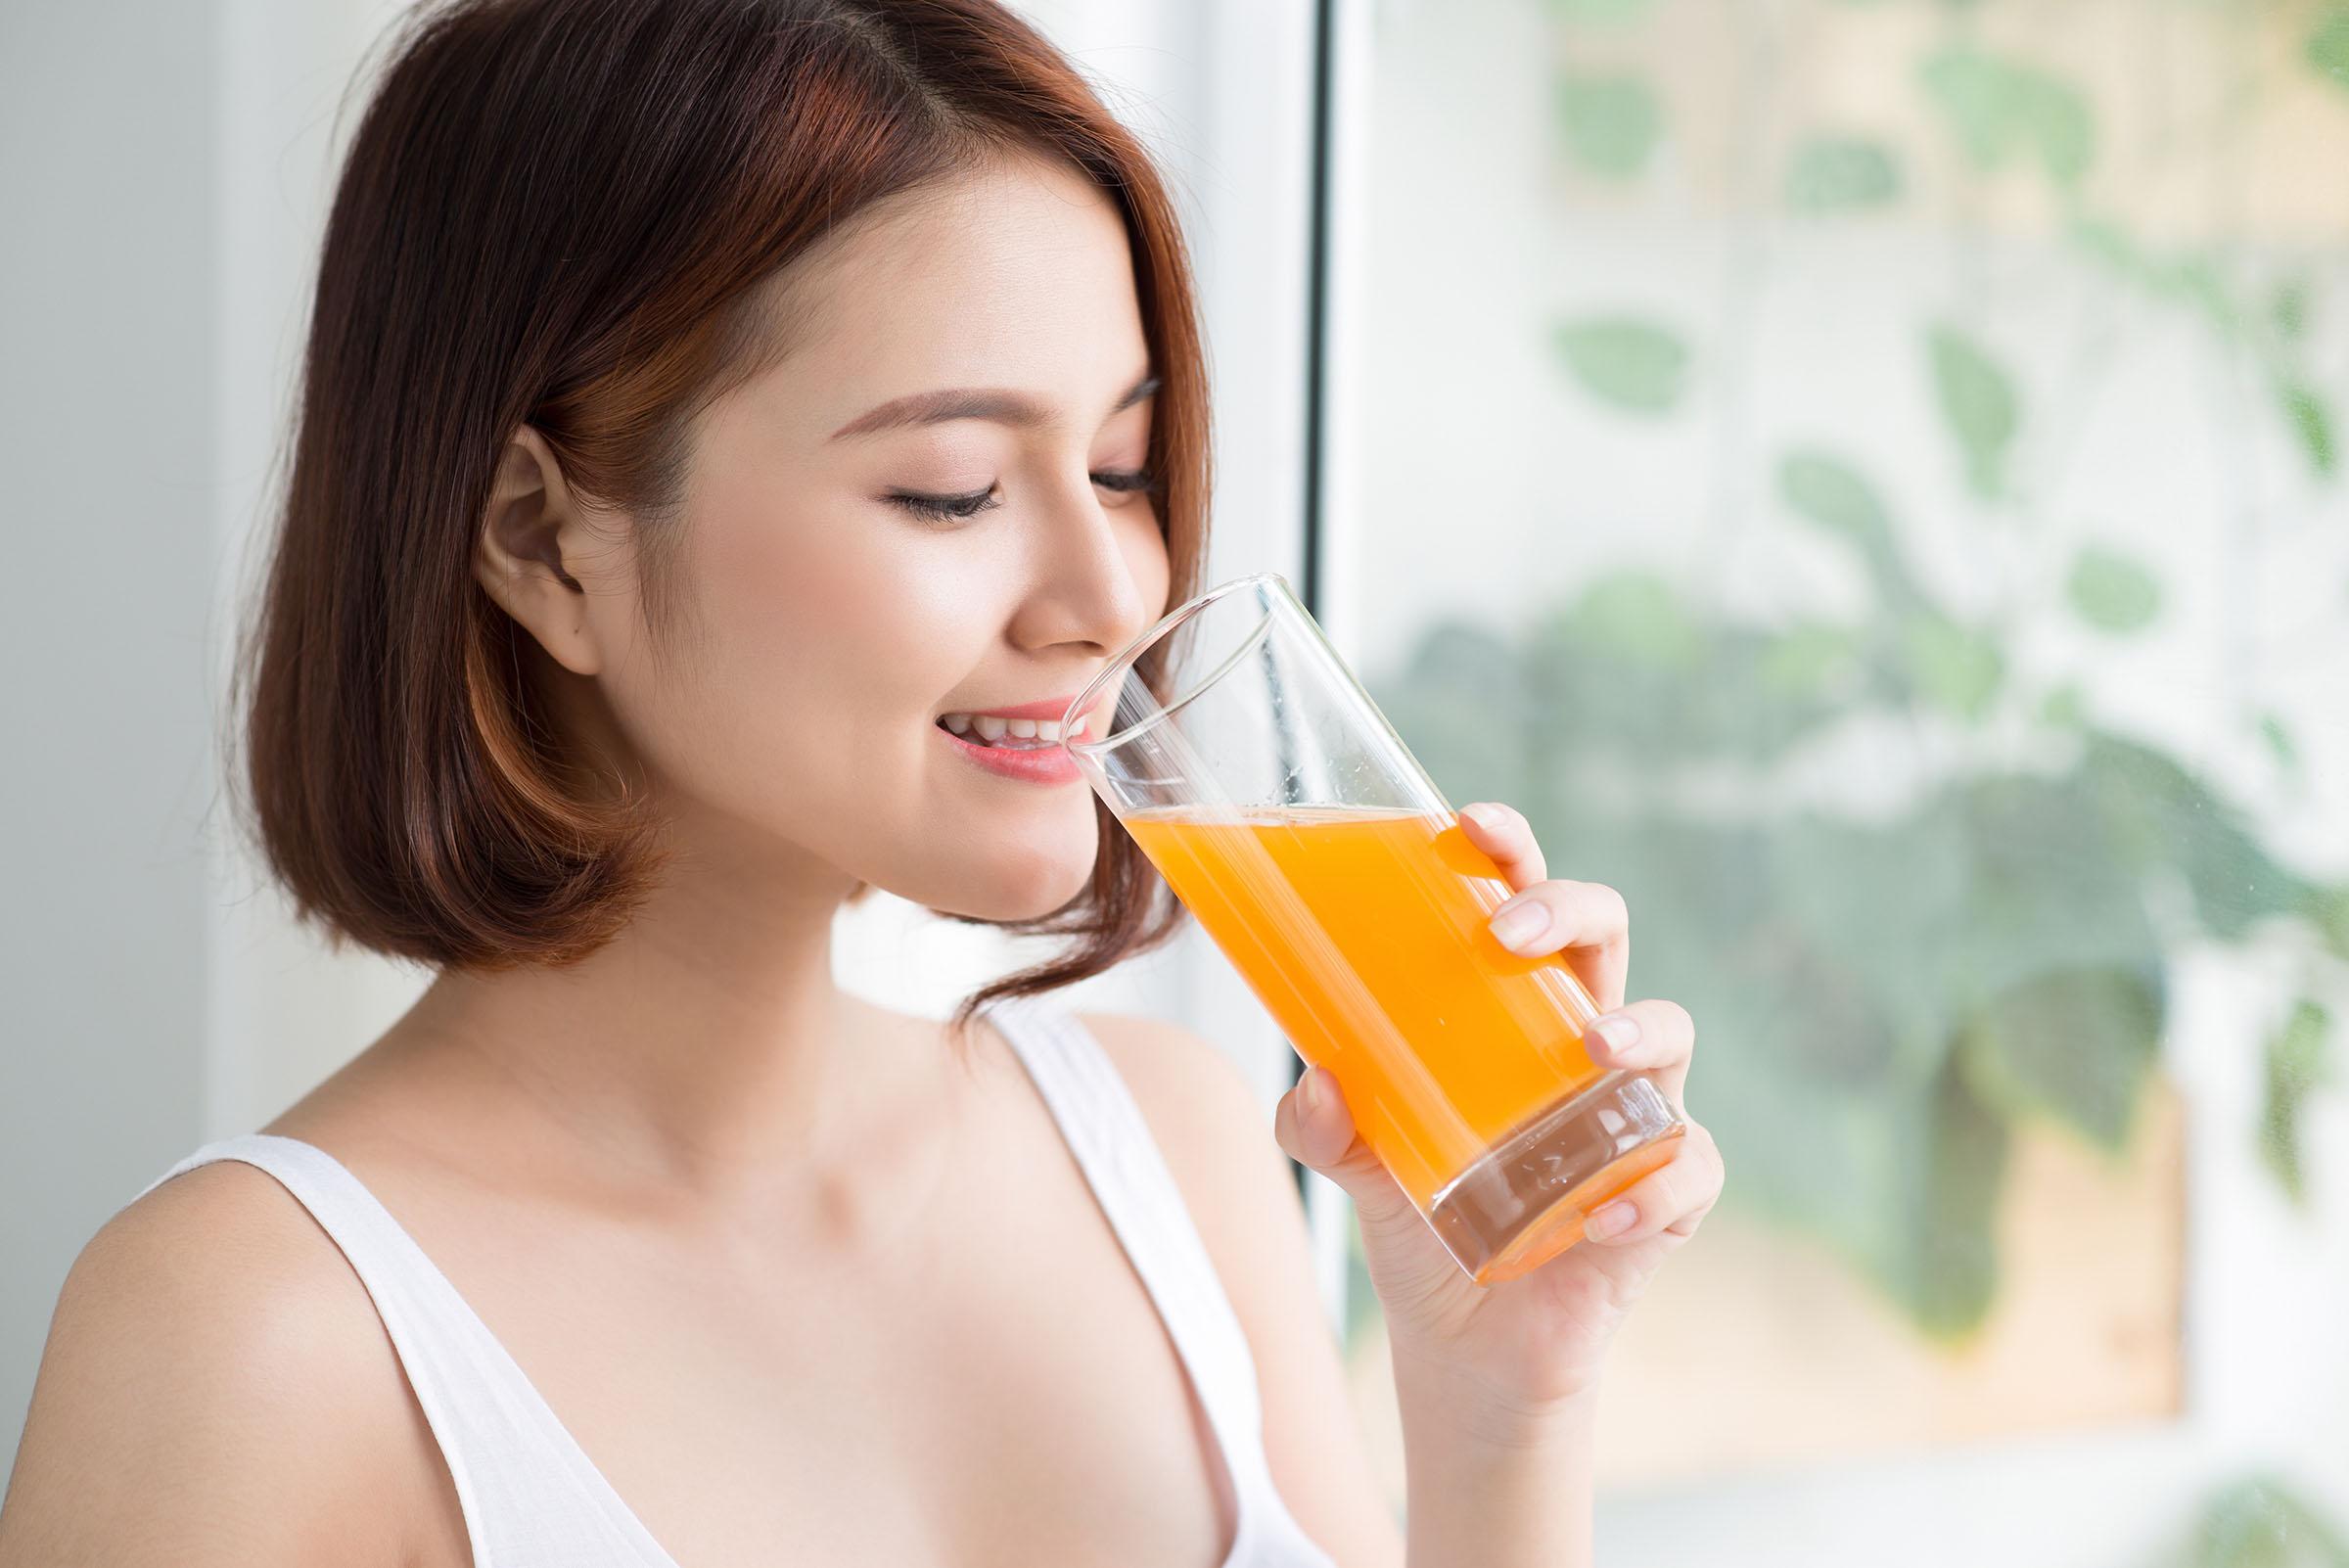 Chị em uống tinh bột nghệ lúc nào là hiệu quả nhất?